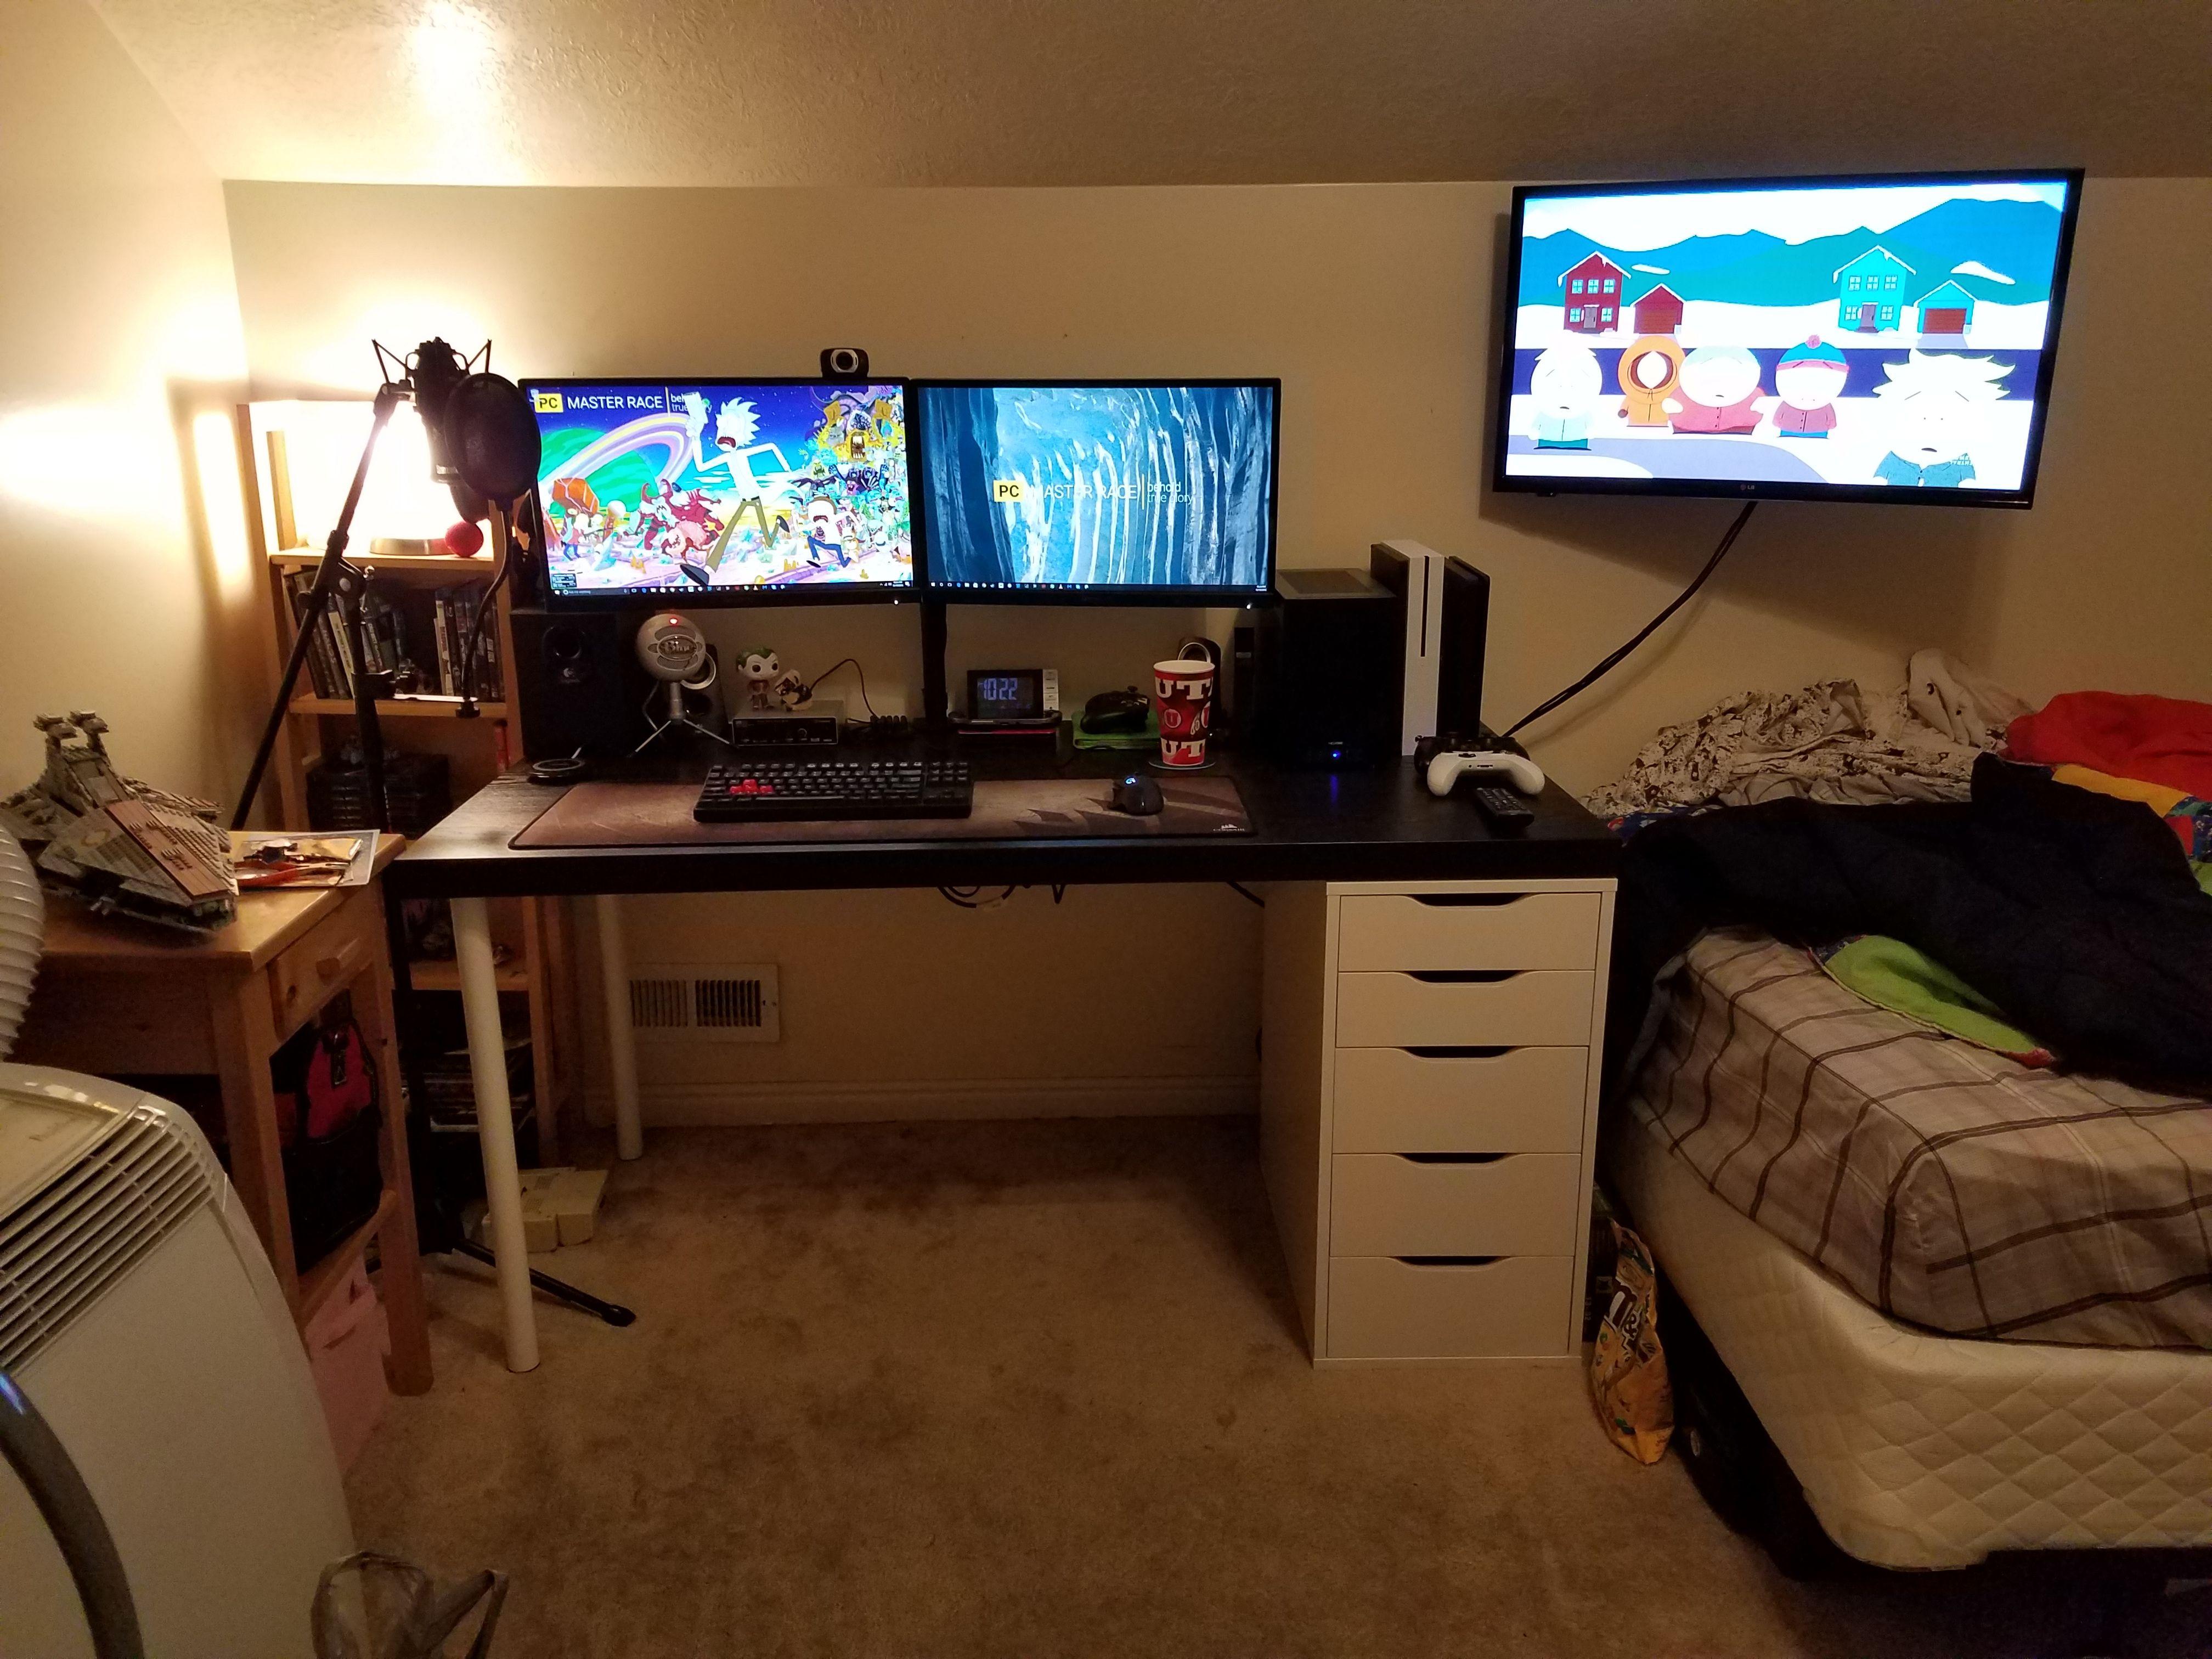 BattlestationV1 2016 Laptop gaming setup, Desk setup